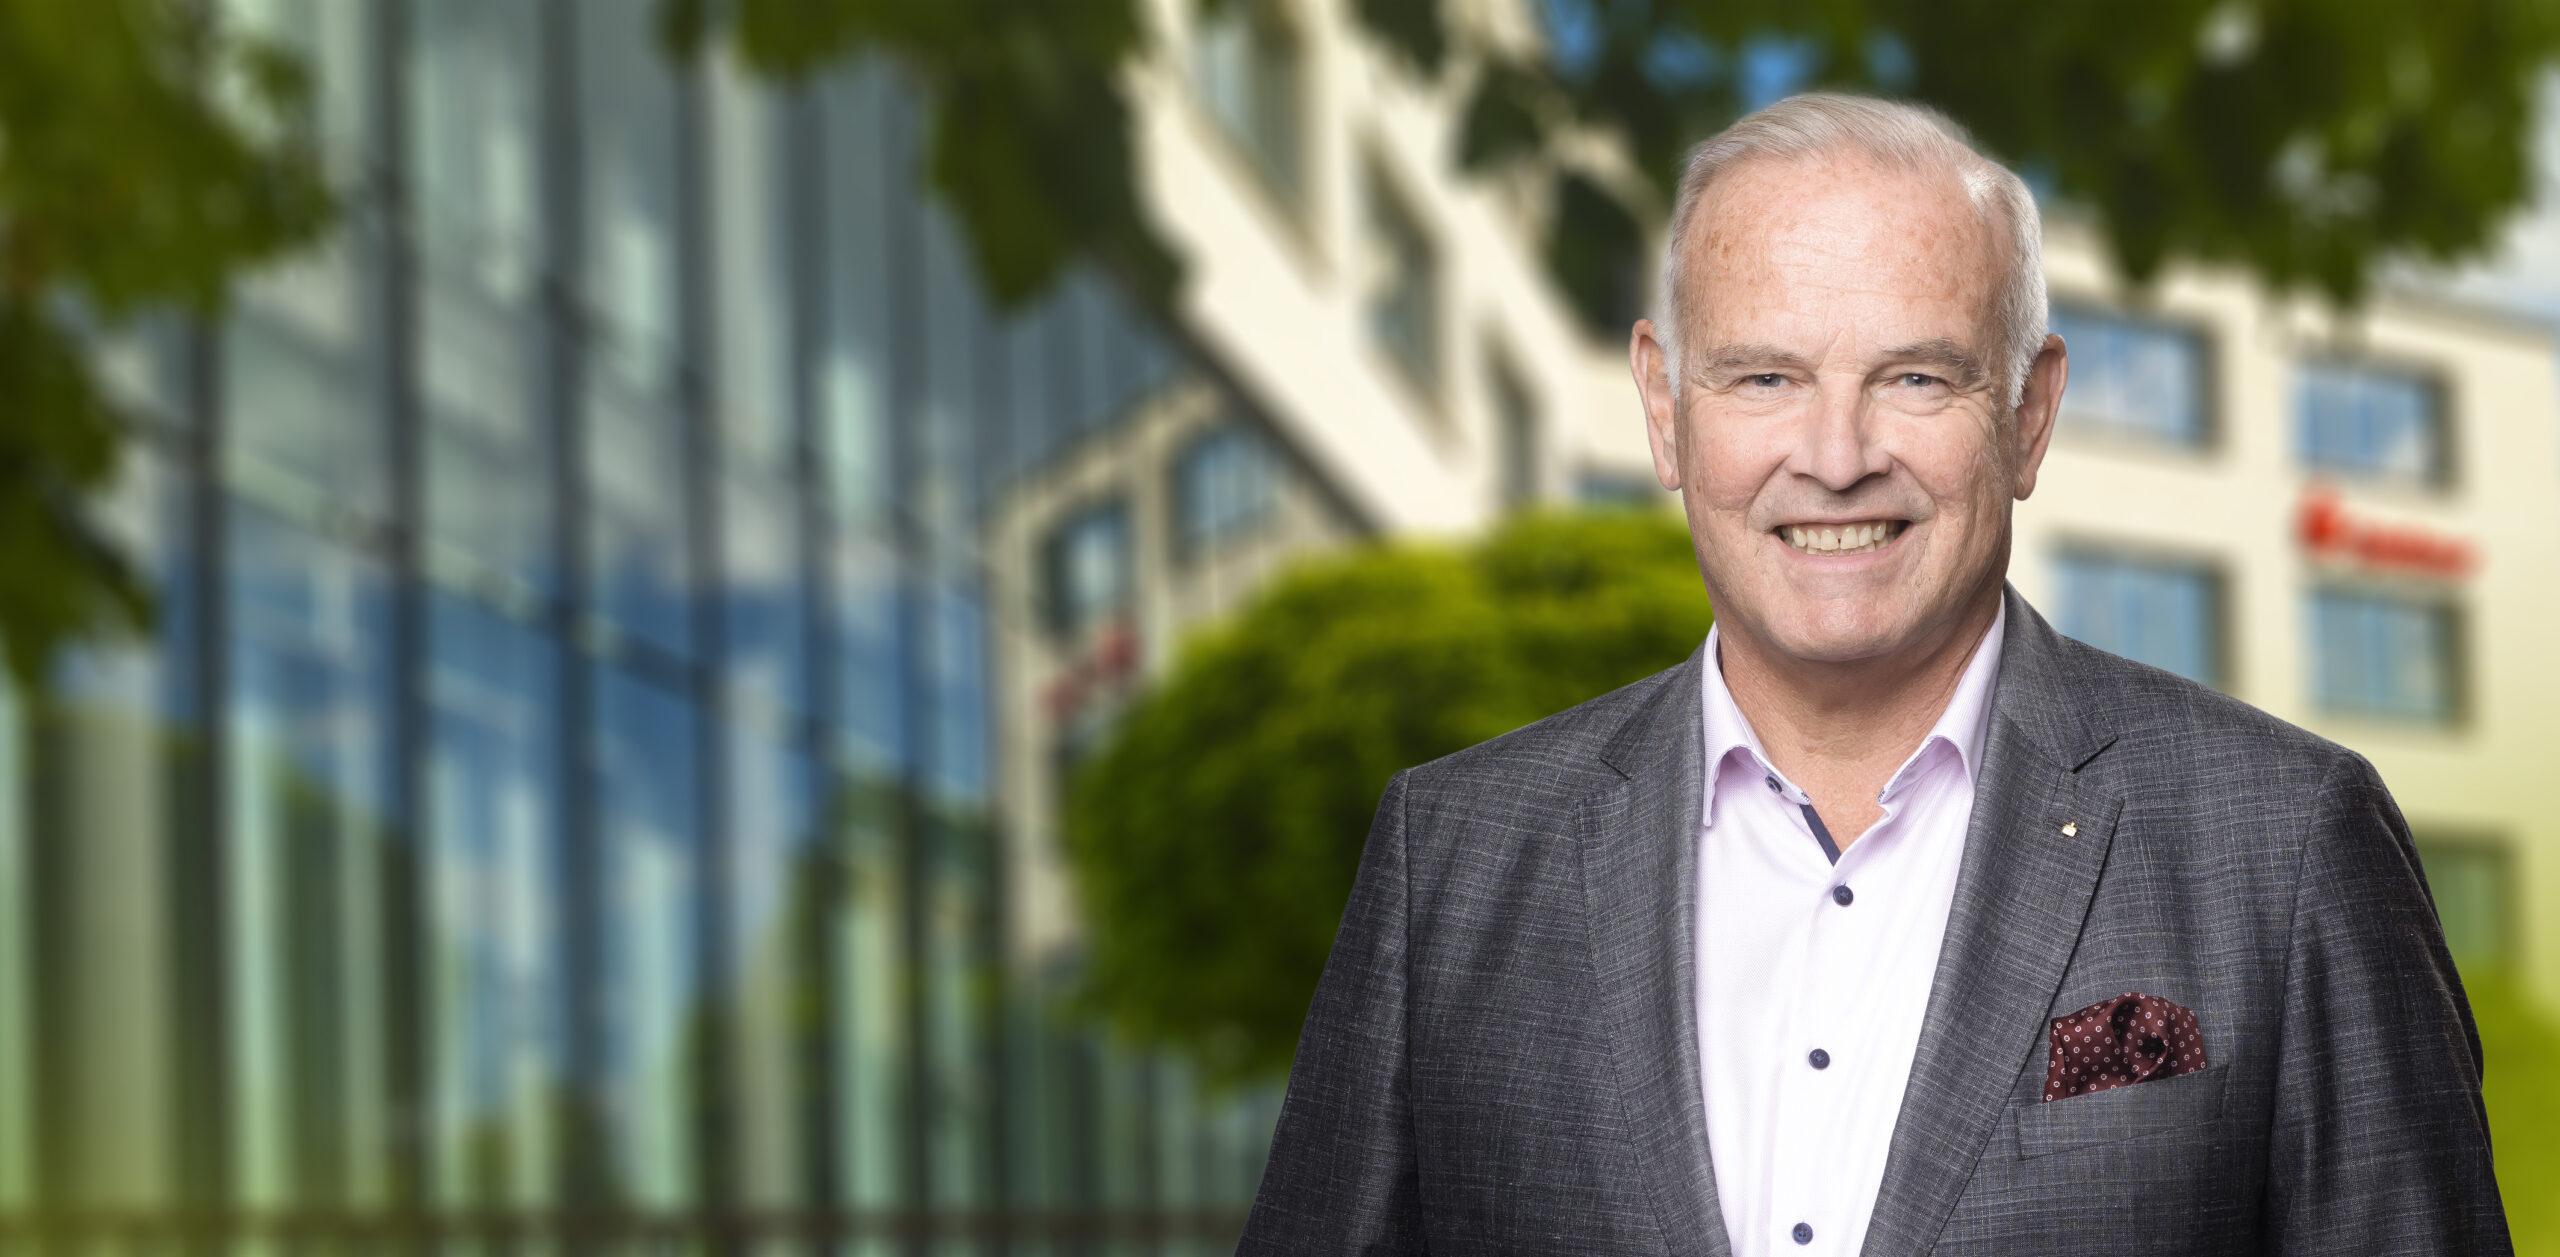 Unser Vorstandsvorsitzender Manfred Neßler verabschiedet sich in den wohlverdienten Ruhestand!